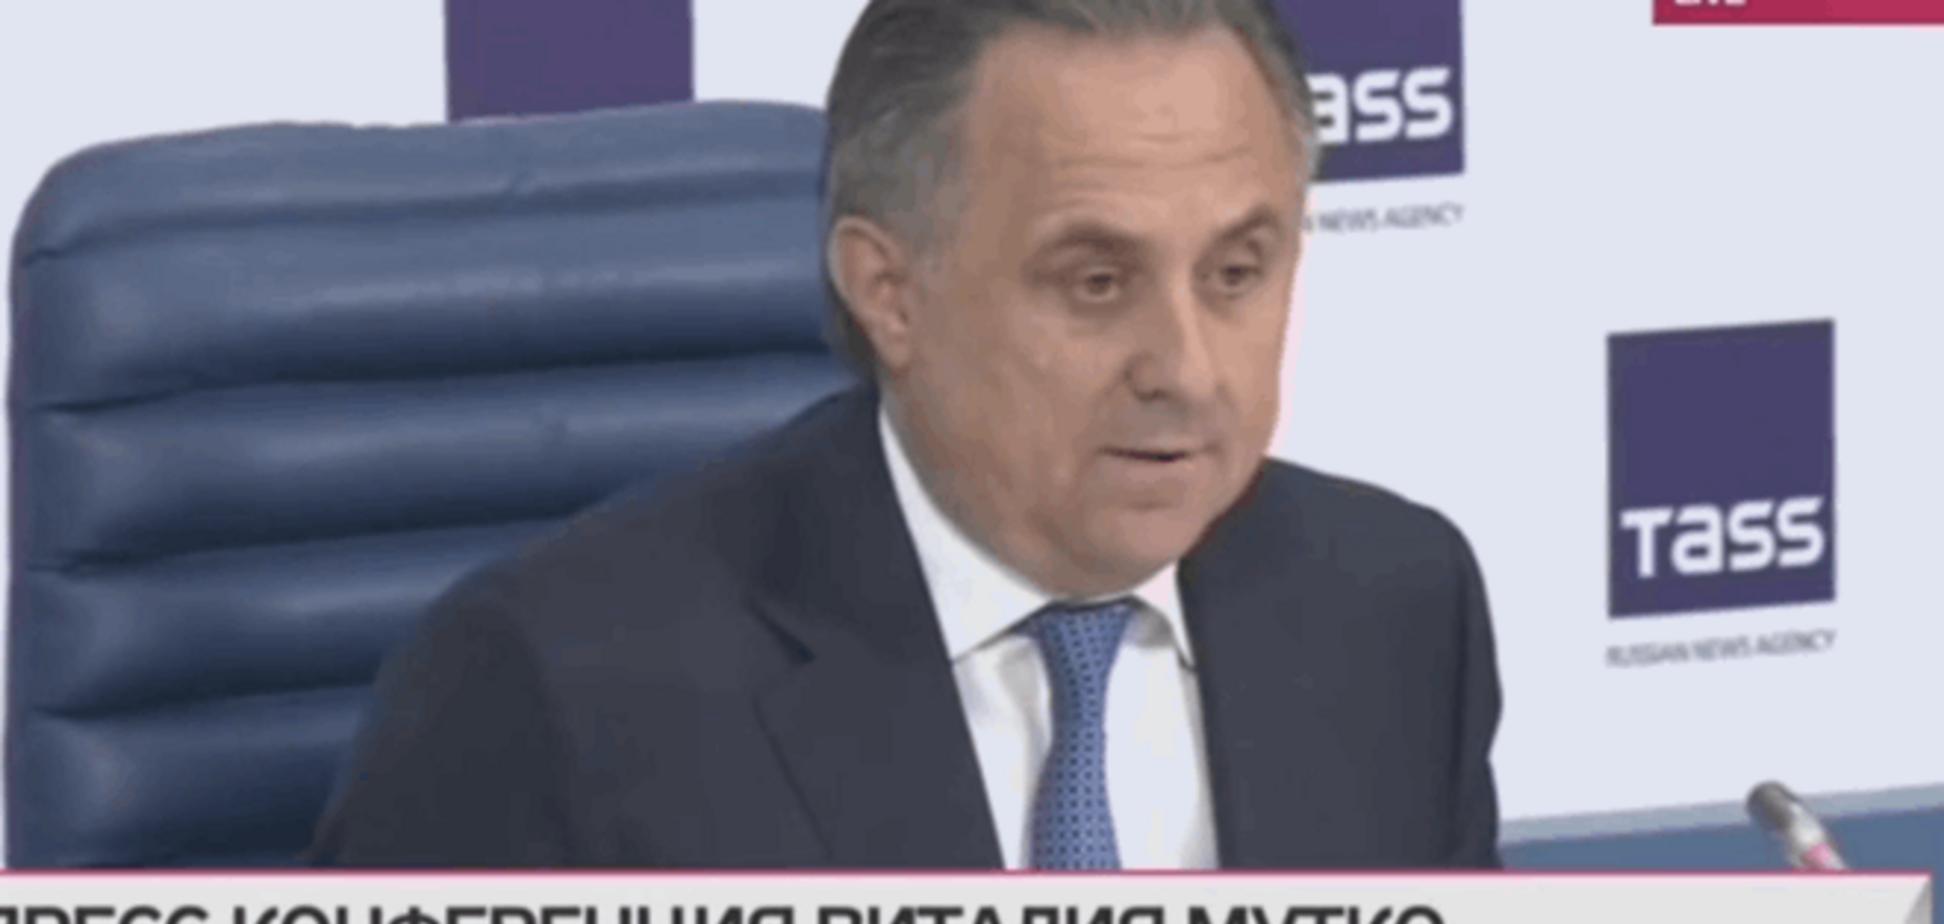 За Фрейдом: міністр спорту Росії проговорився про своє таємне бажання